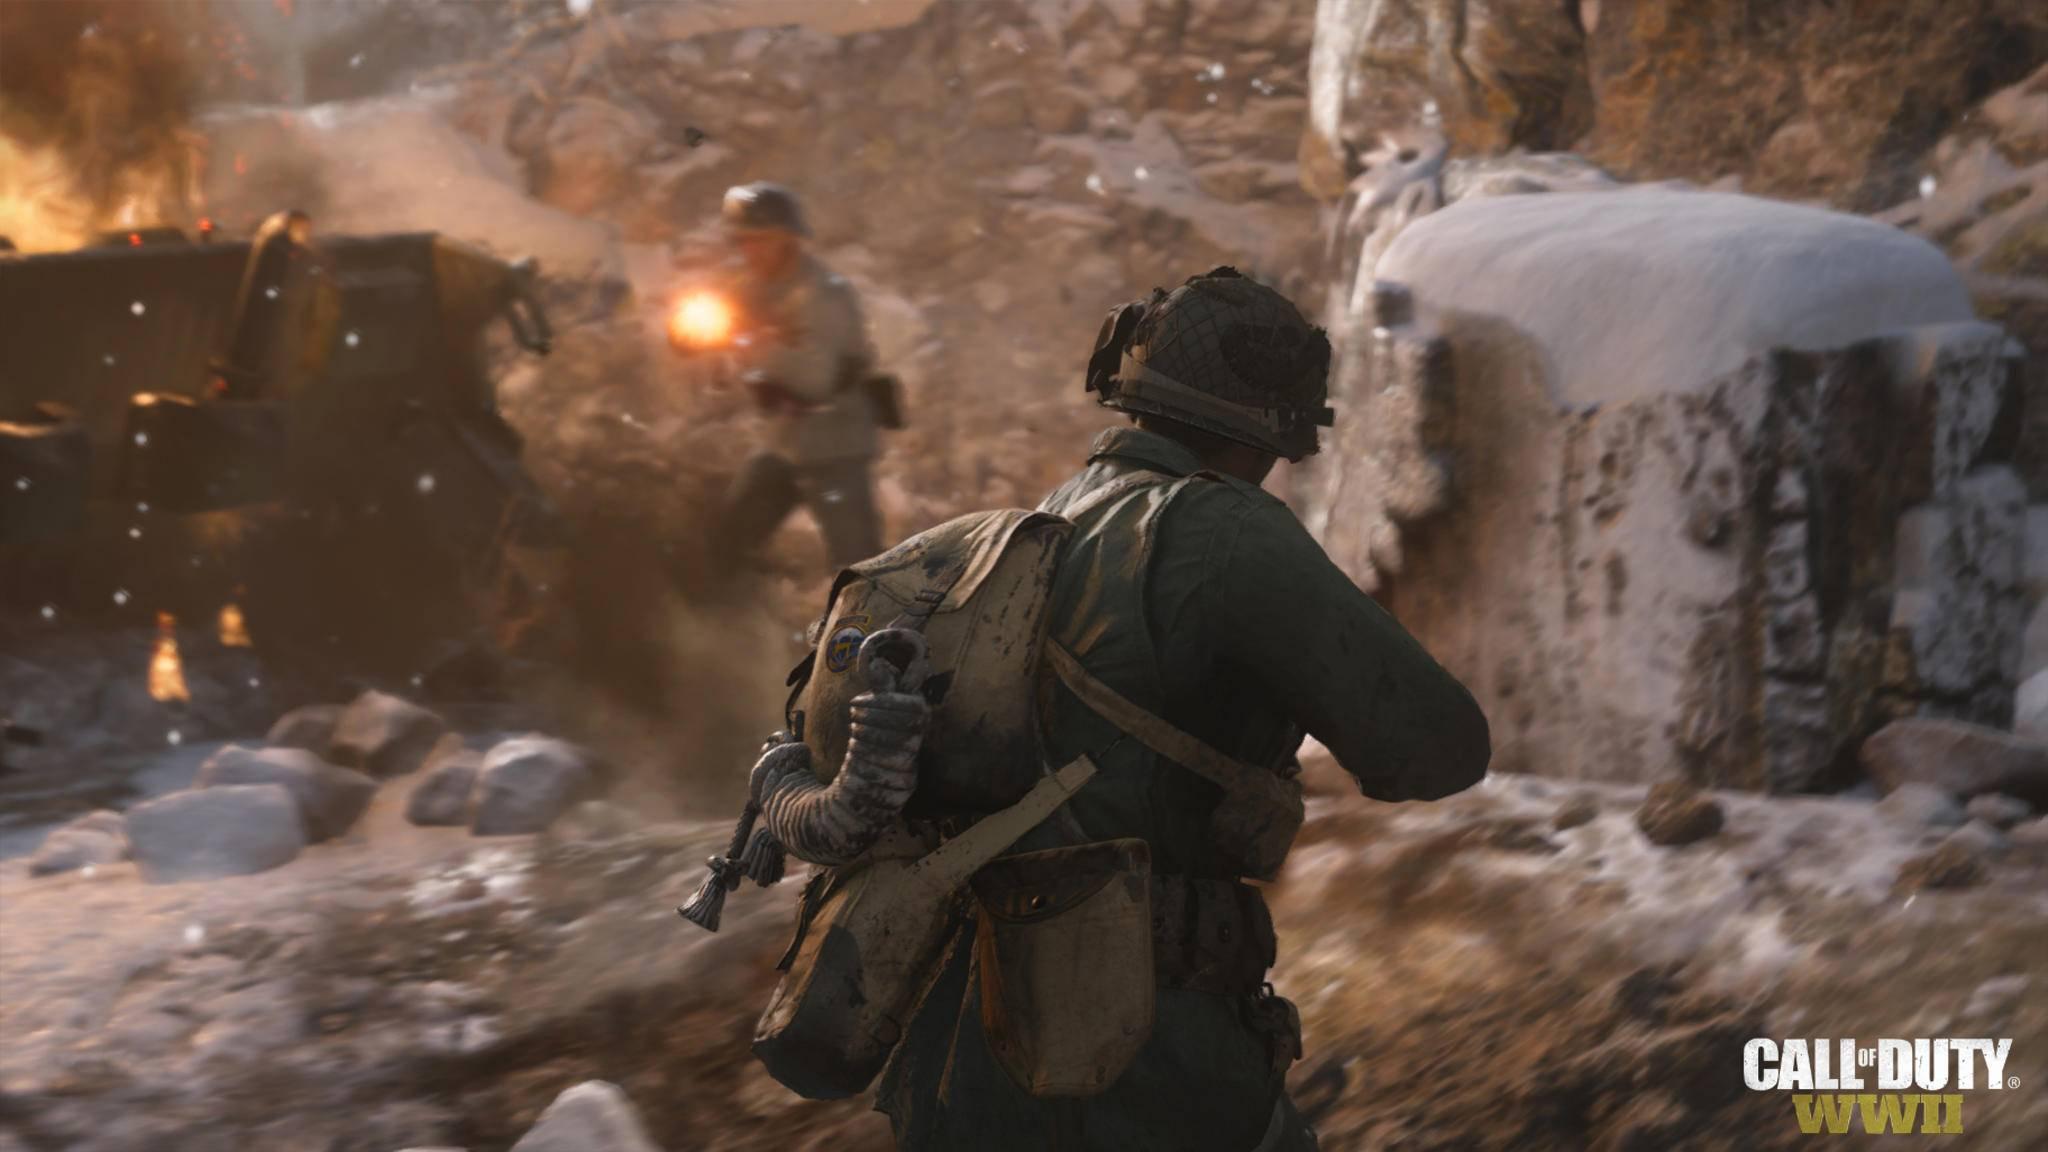 """Wenn es Dir in den Feuergefechten von """"Call of Duty"""" zu brenzlig wird, schick doch einen Profi vor!"""